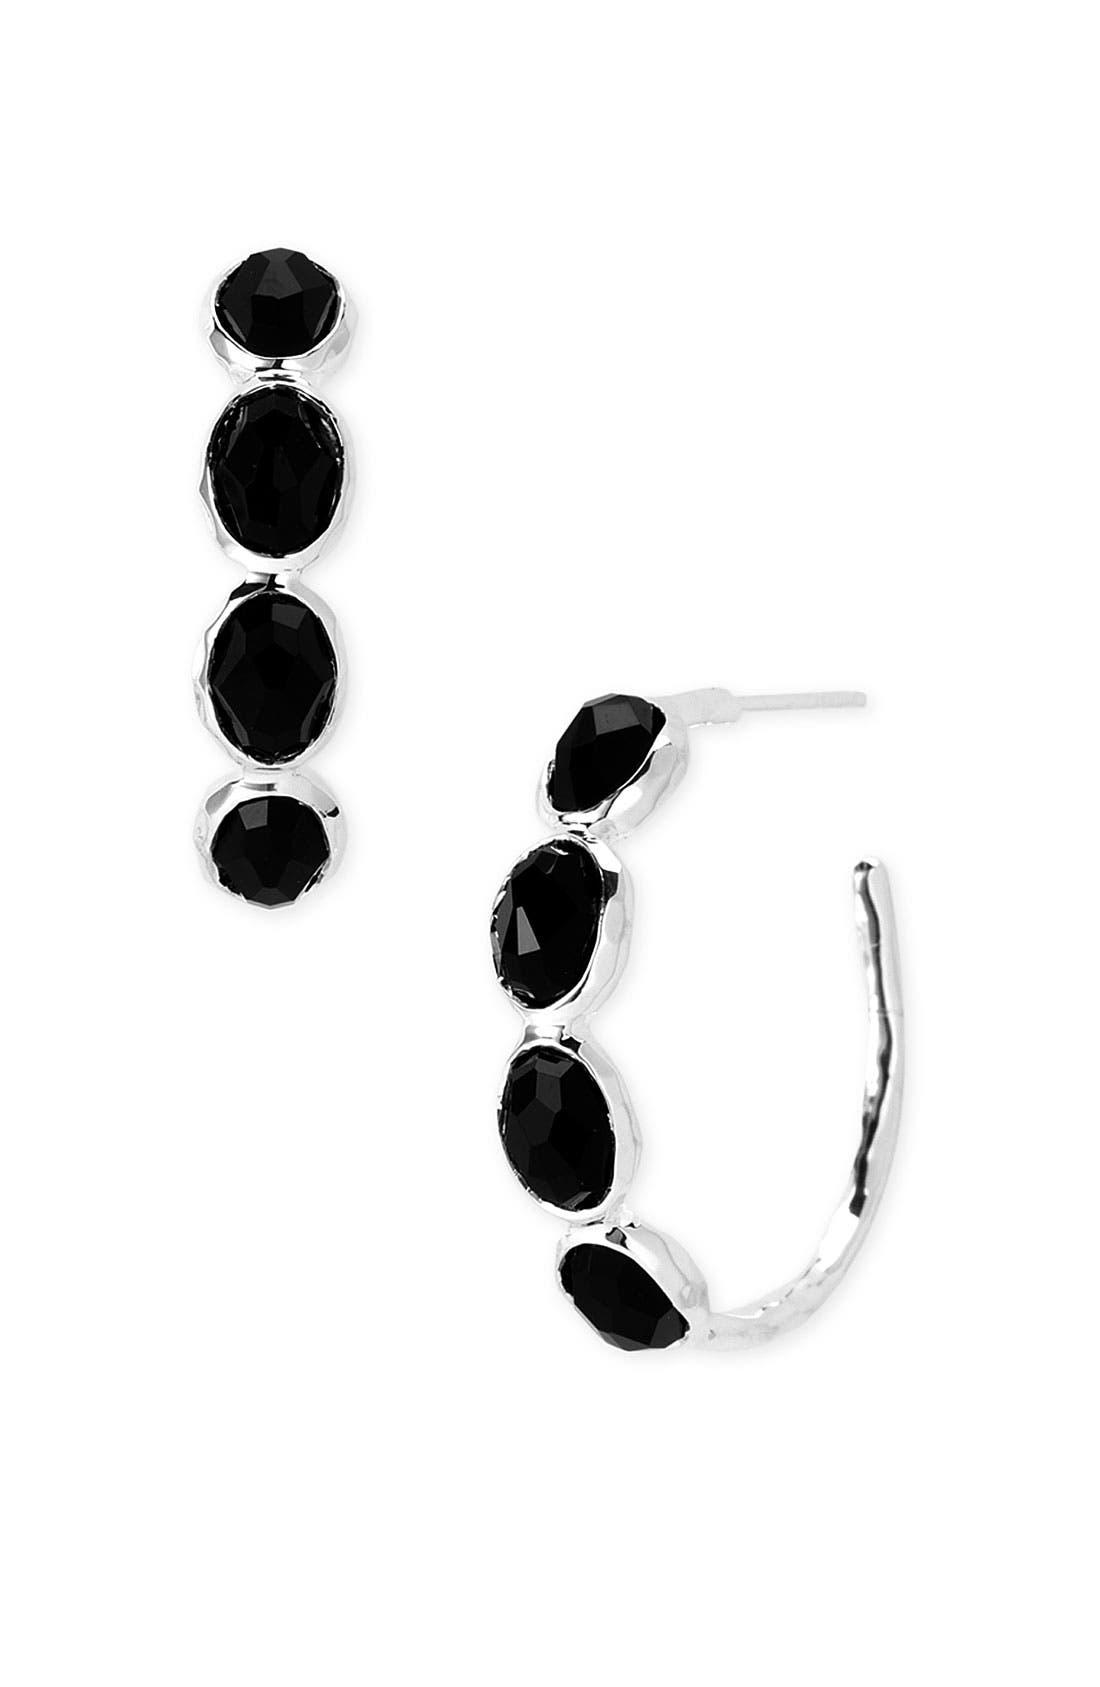 Alternate Image 1 Selected - Ippolita 'Rock Candy - Number 2' 4-Stone Hoop Earrings